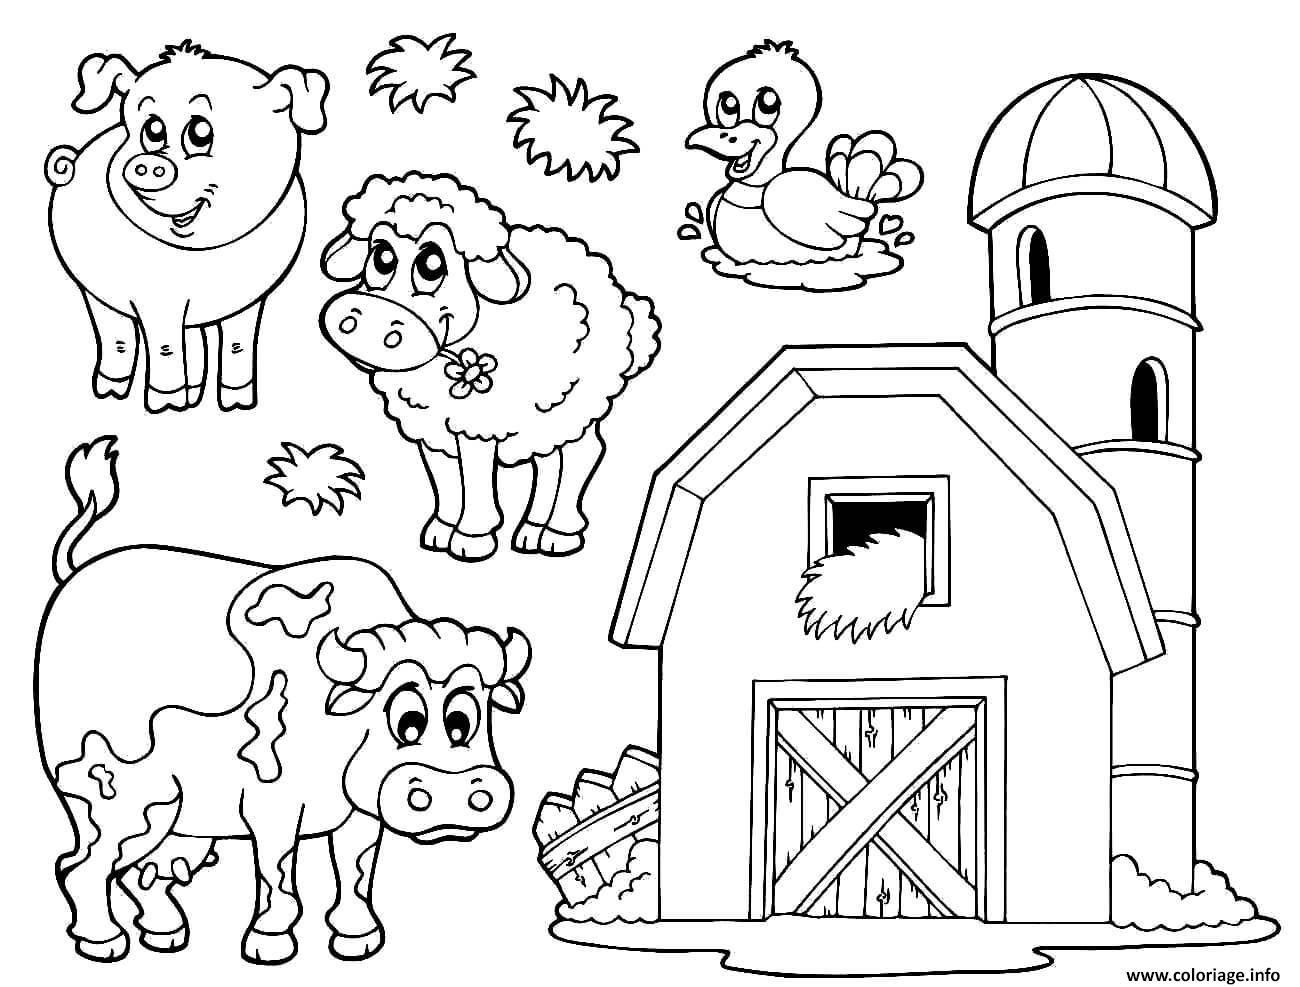 Coloriage Une Ferme Avec Animaux Dessin intérieur Dessin Animaux De La Ferme À Imprimer